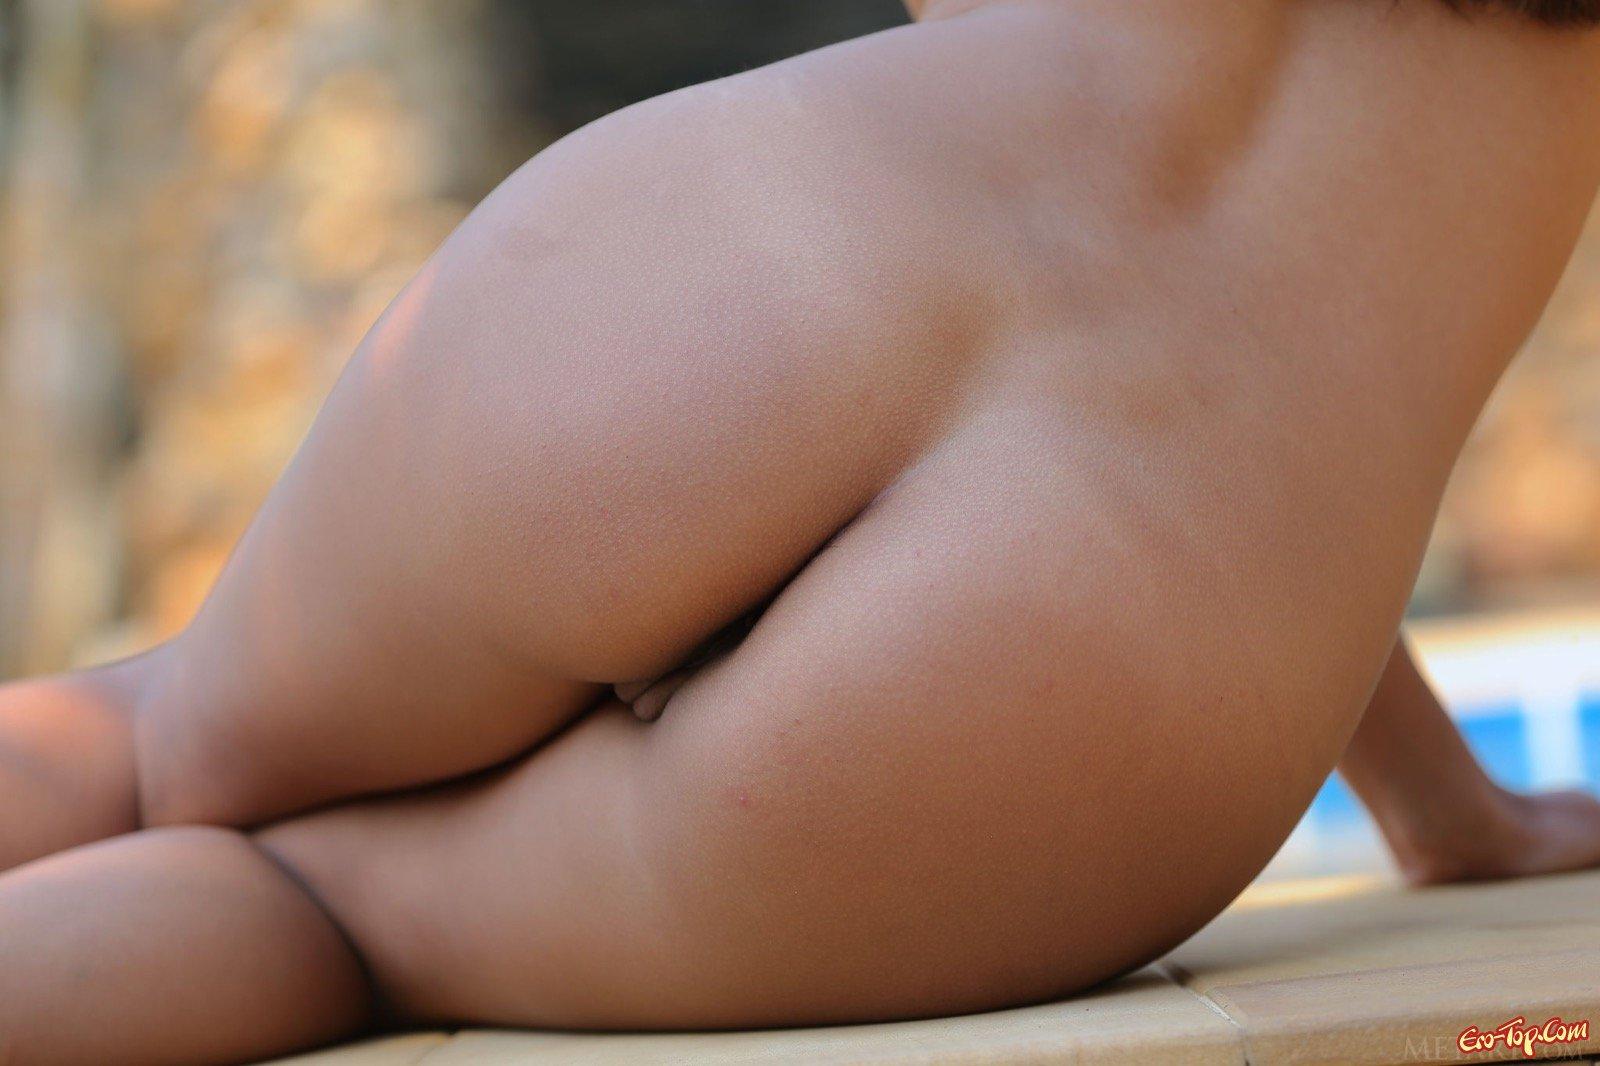 Обнаженная девка с крохотными сиськами у бассейна секс фото